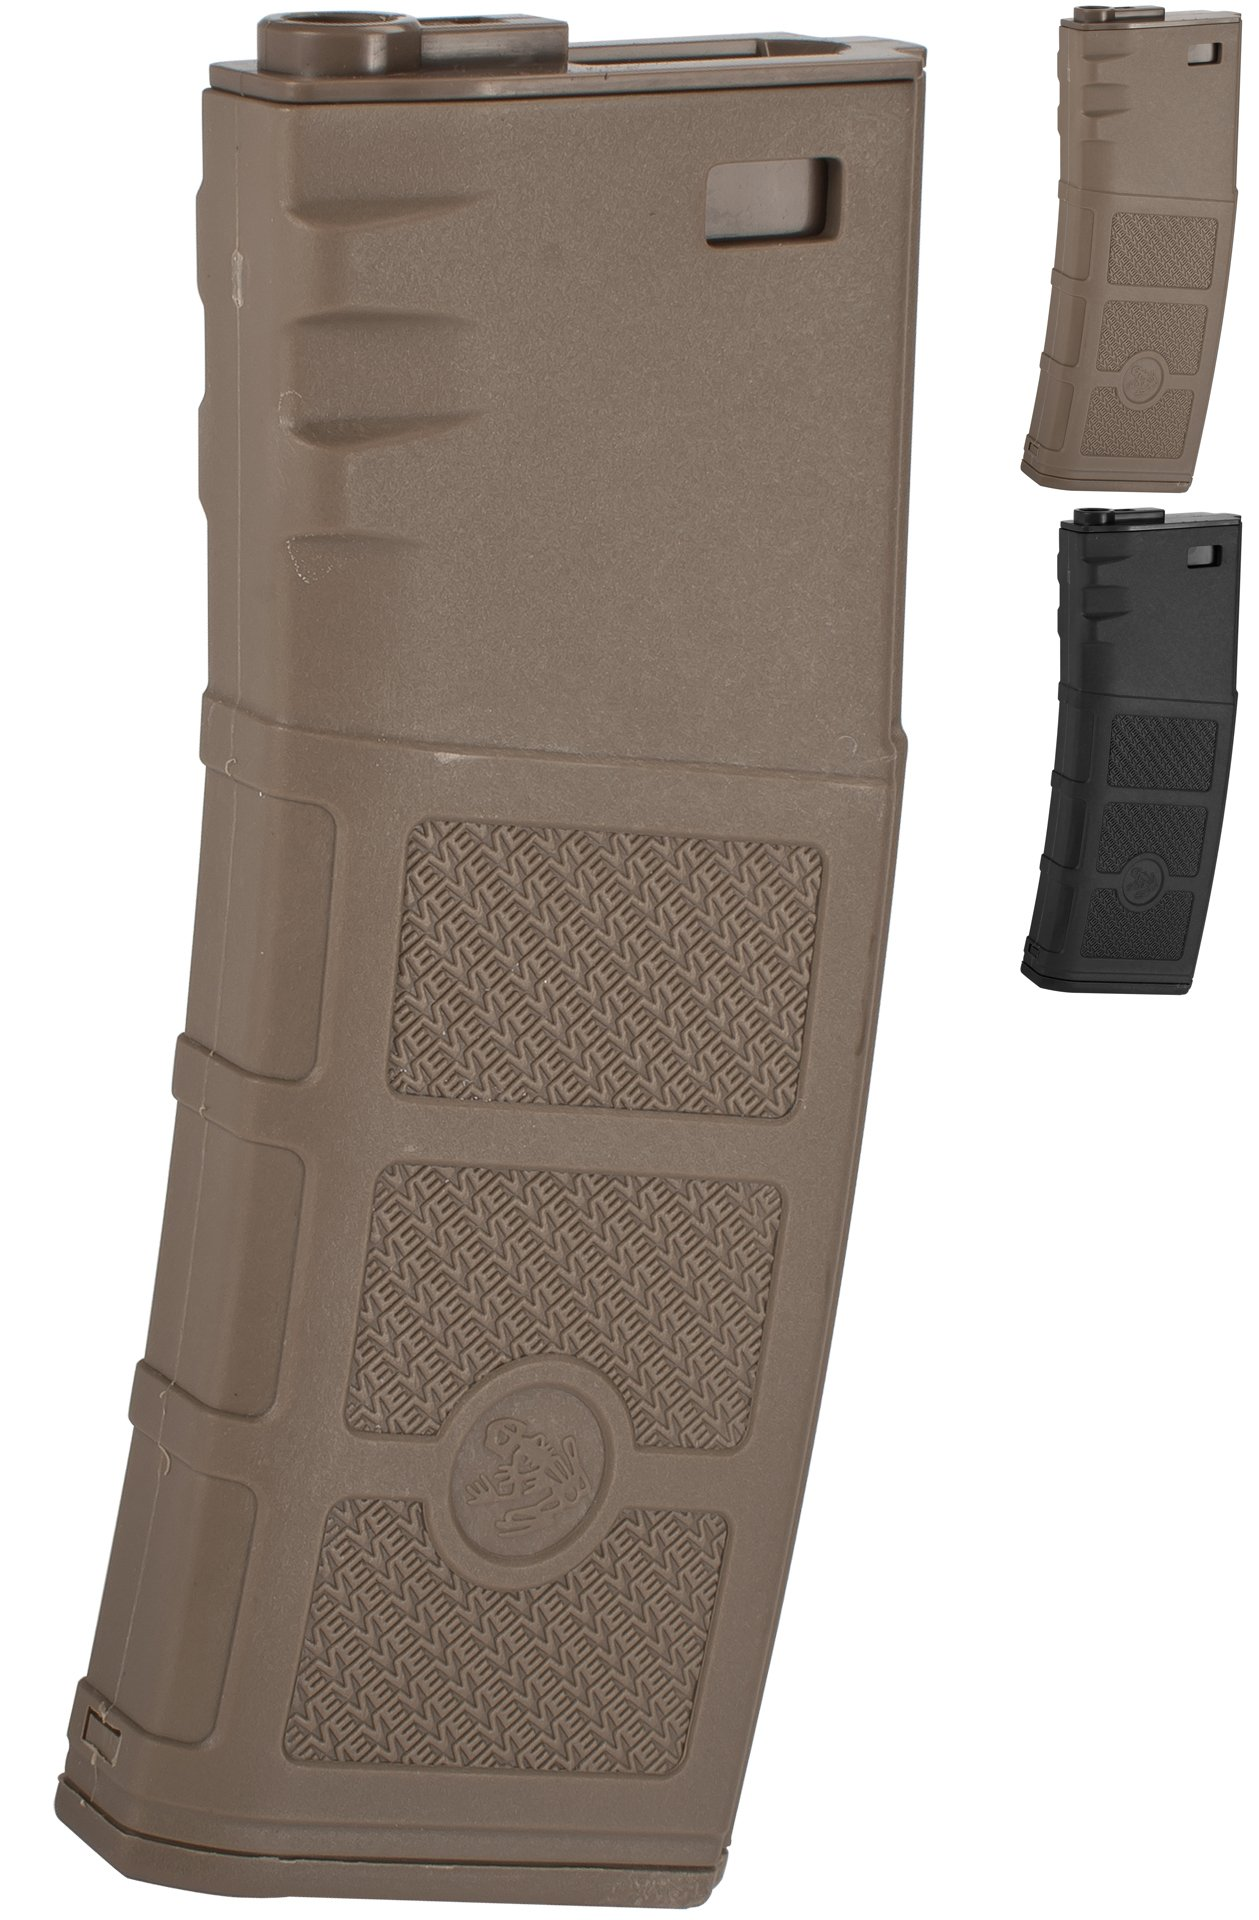 Evike G&P High RPS 360rd Polymer HI-Cap Magazine for M4 M16 Airsoft AEG Rifles - Dark Earth - (42508) by Evike